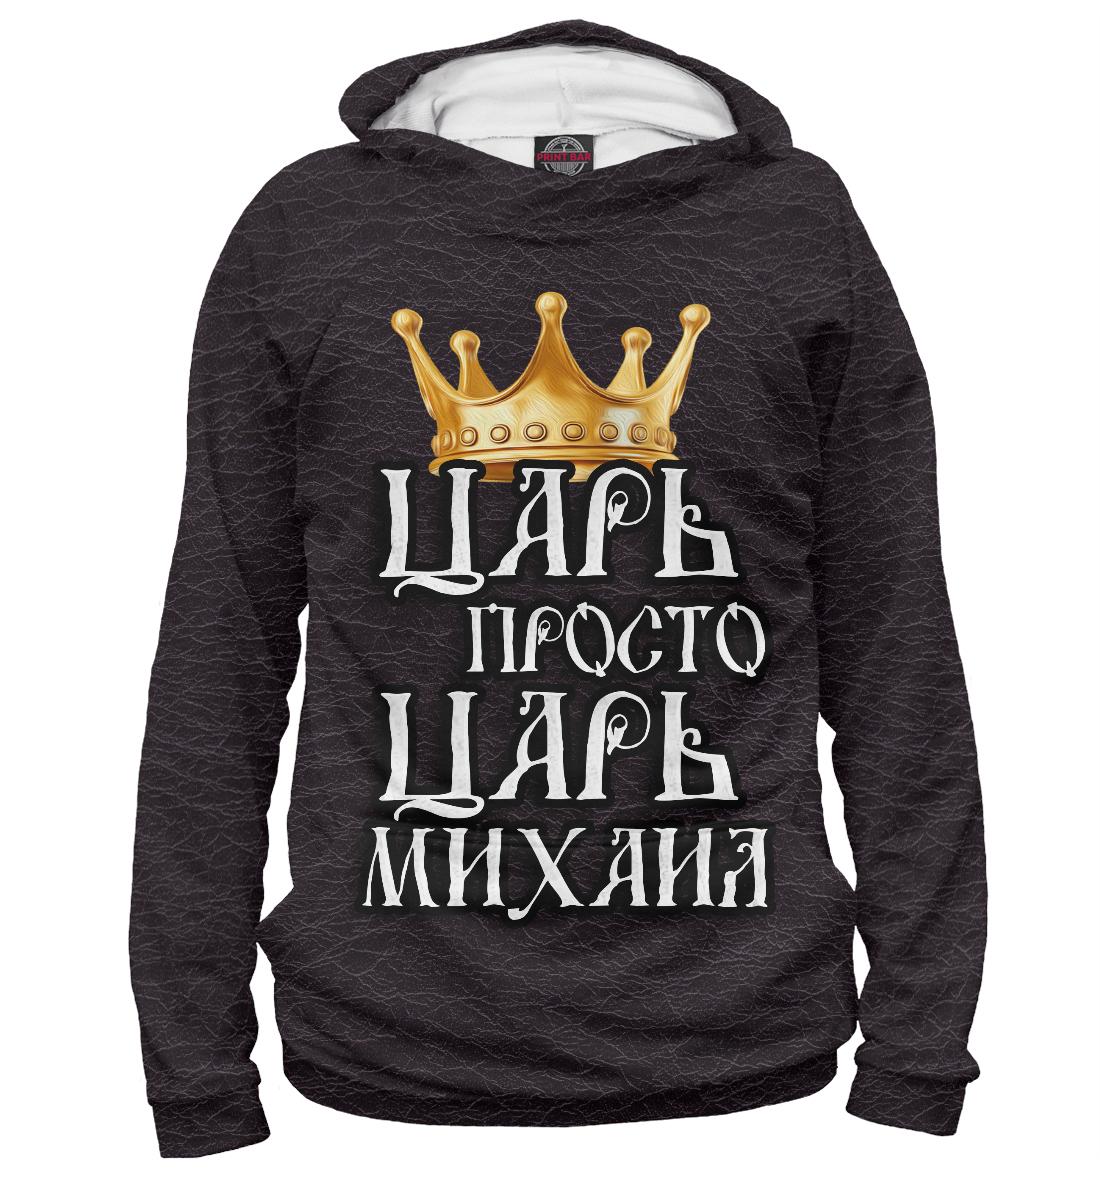 Купить Царь Михаил, Printbar, Худи, MCH-691269-hud-2